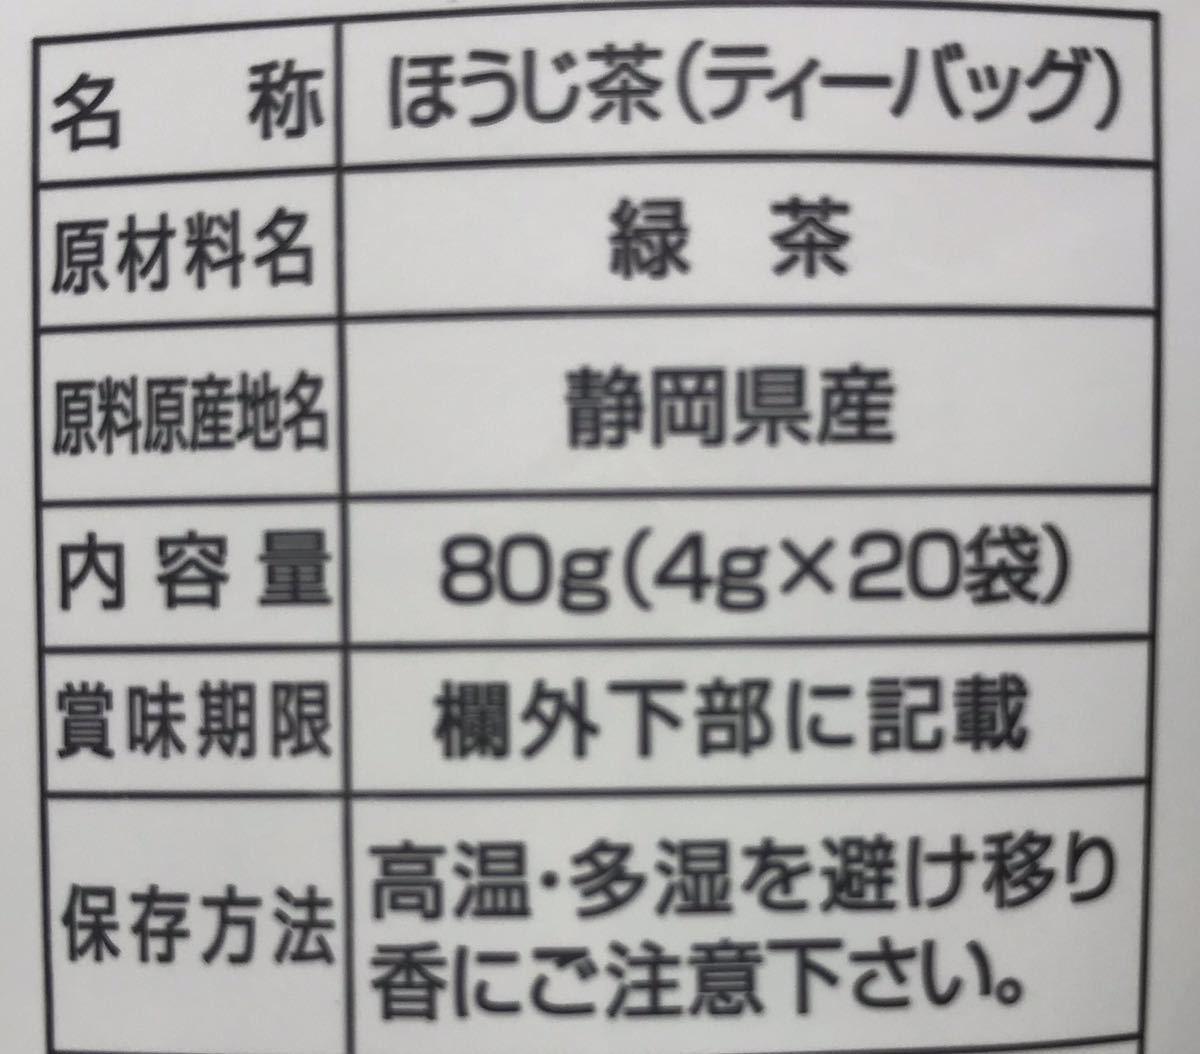 【産地直売】ティーバッグ3種セット!深蒸し茶 ほうじ茶 玄米茶 静岡 牧之原_画像6